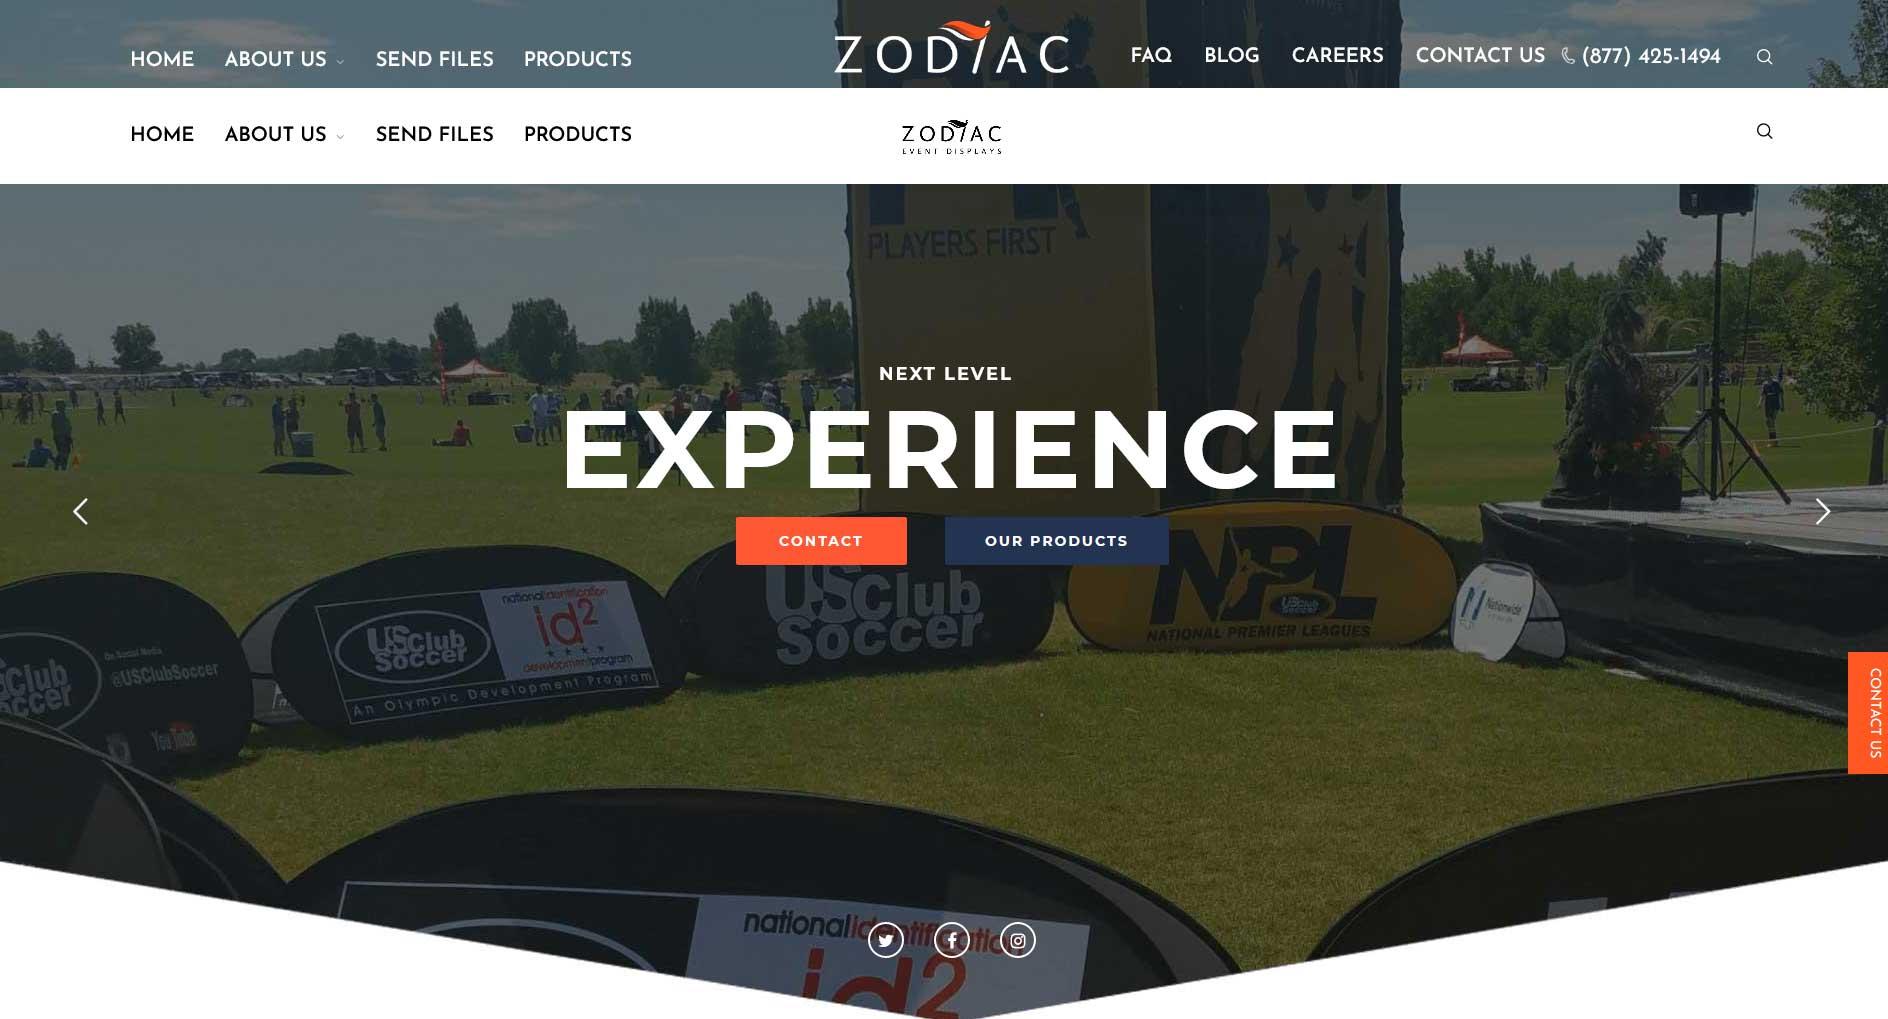 Zodiac-Displays